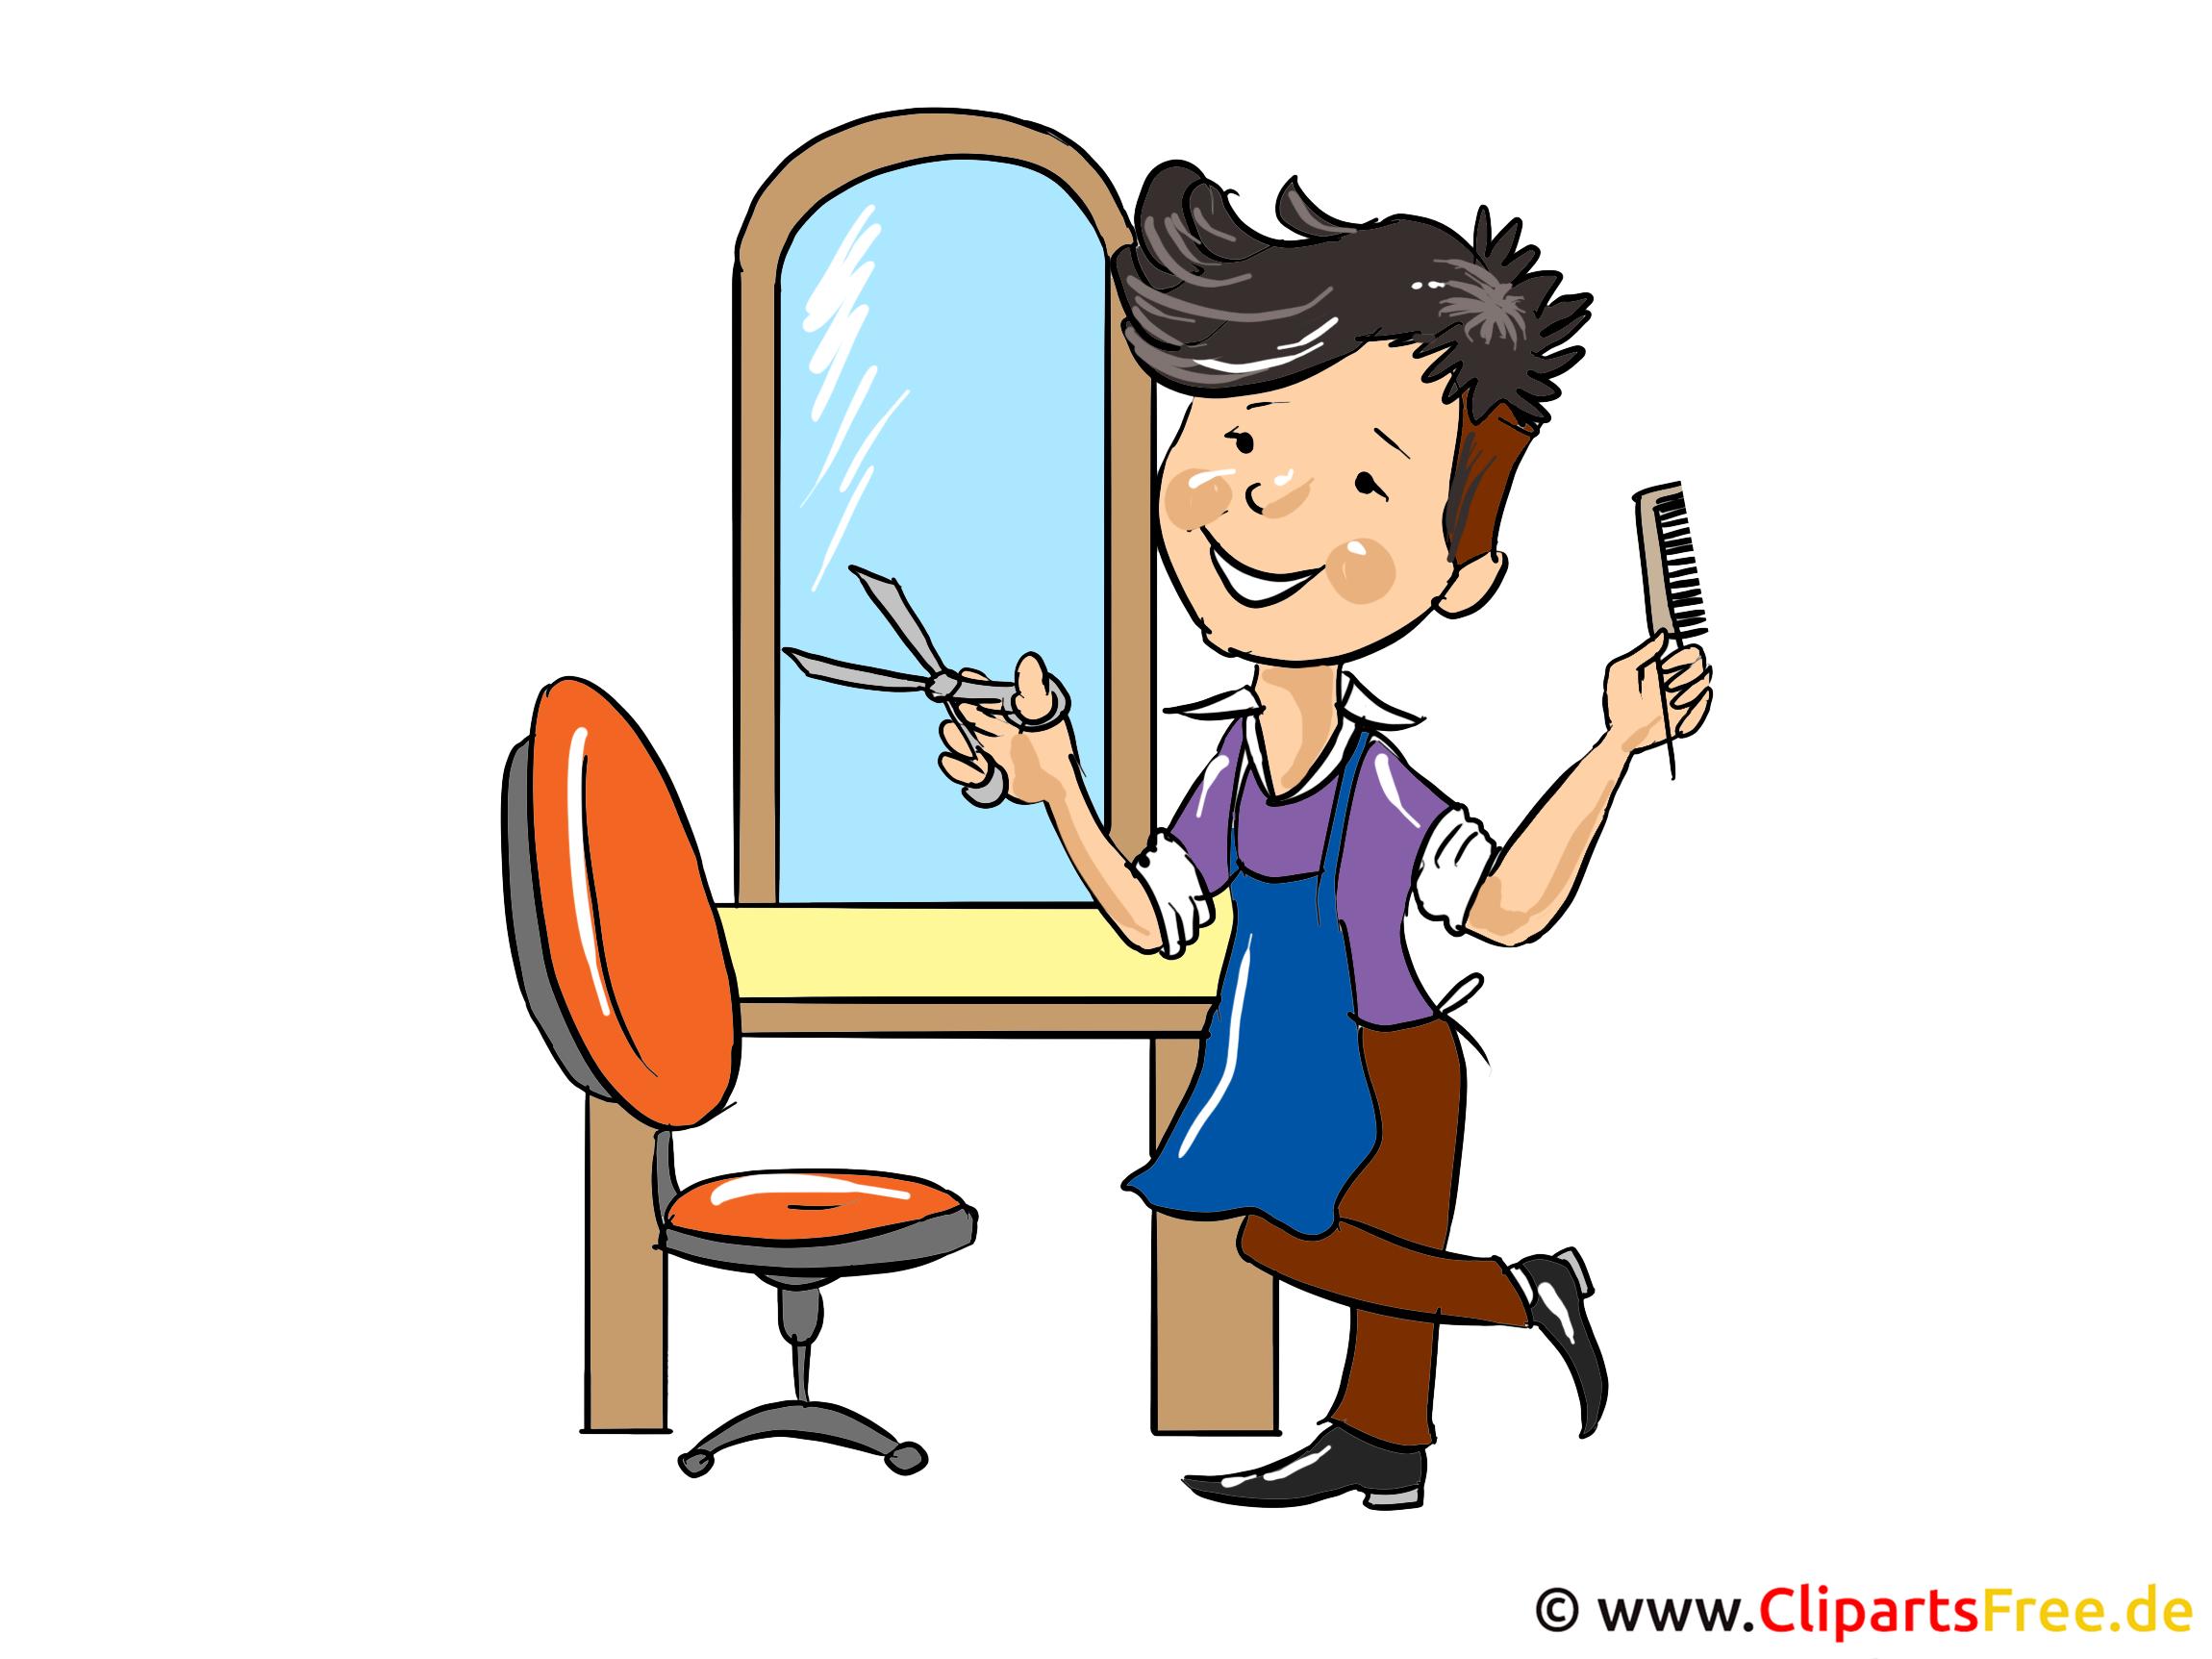 Friseur Cartoon - Beruf Bilder kostenlos